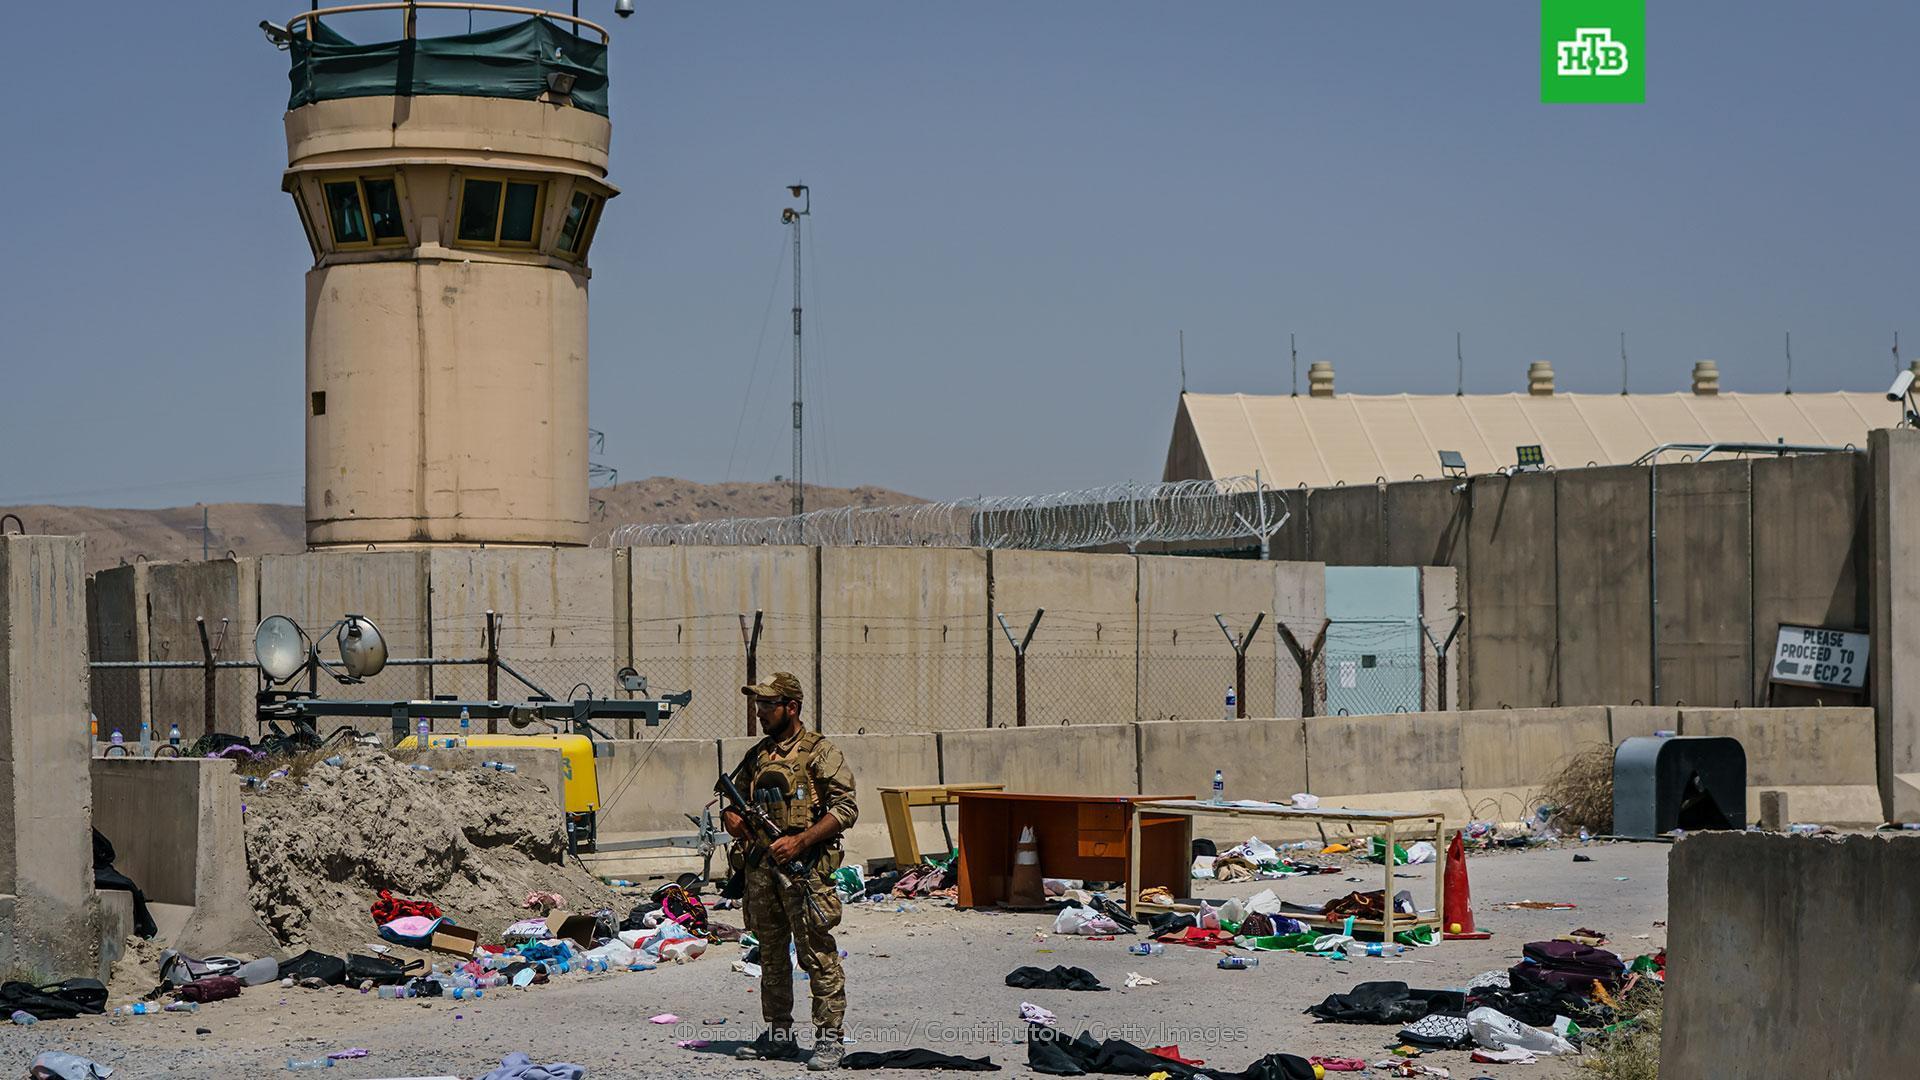 Пентагон: в Афганистане не осталось ни одного американского солдата // НТВ.Ru